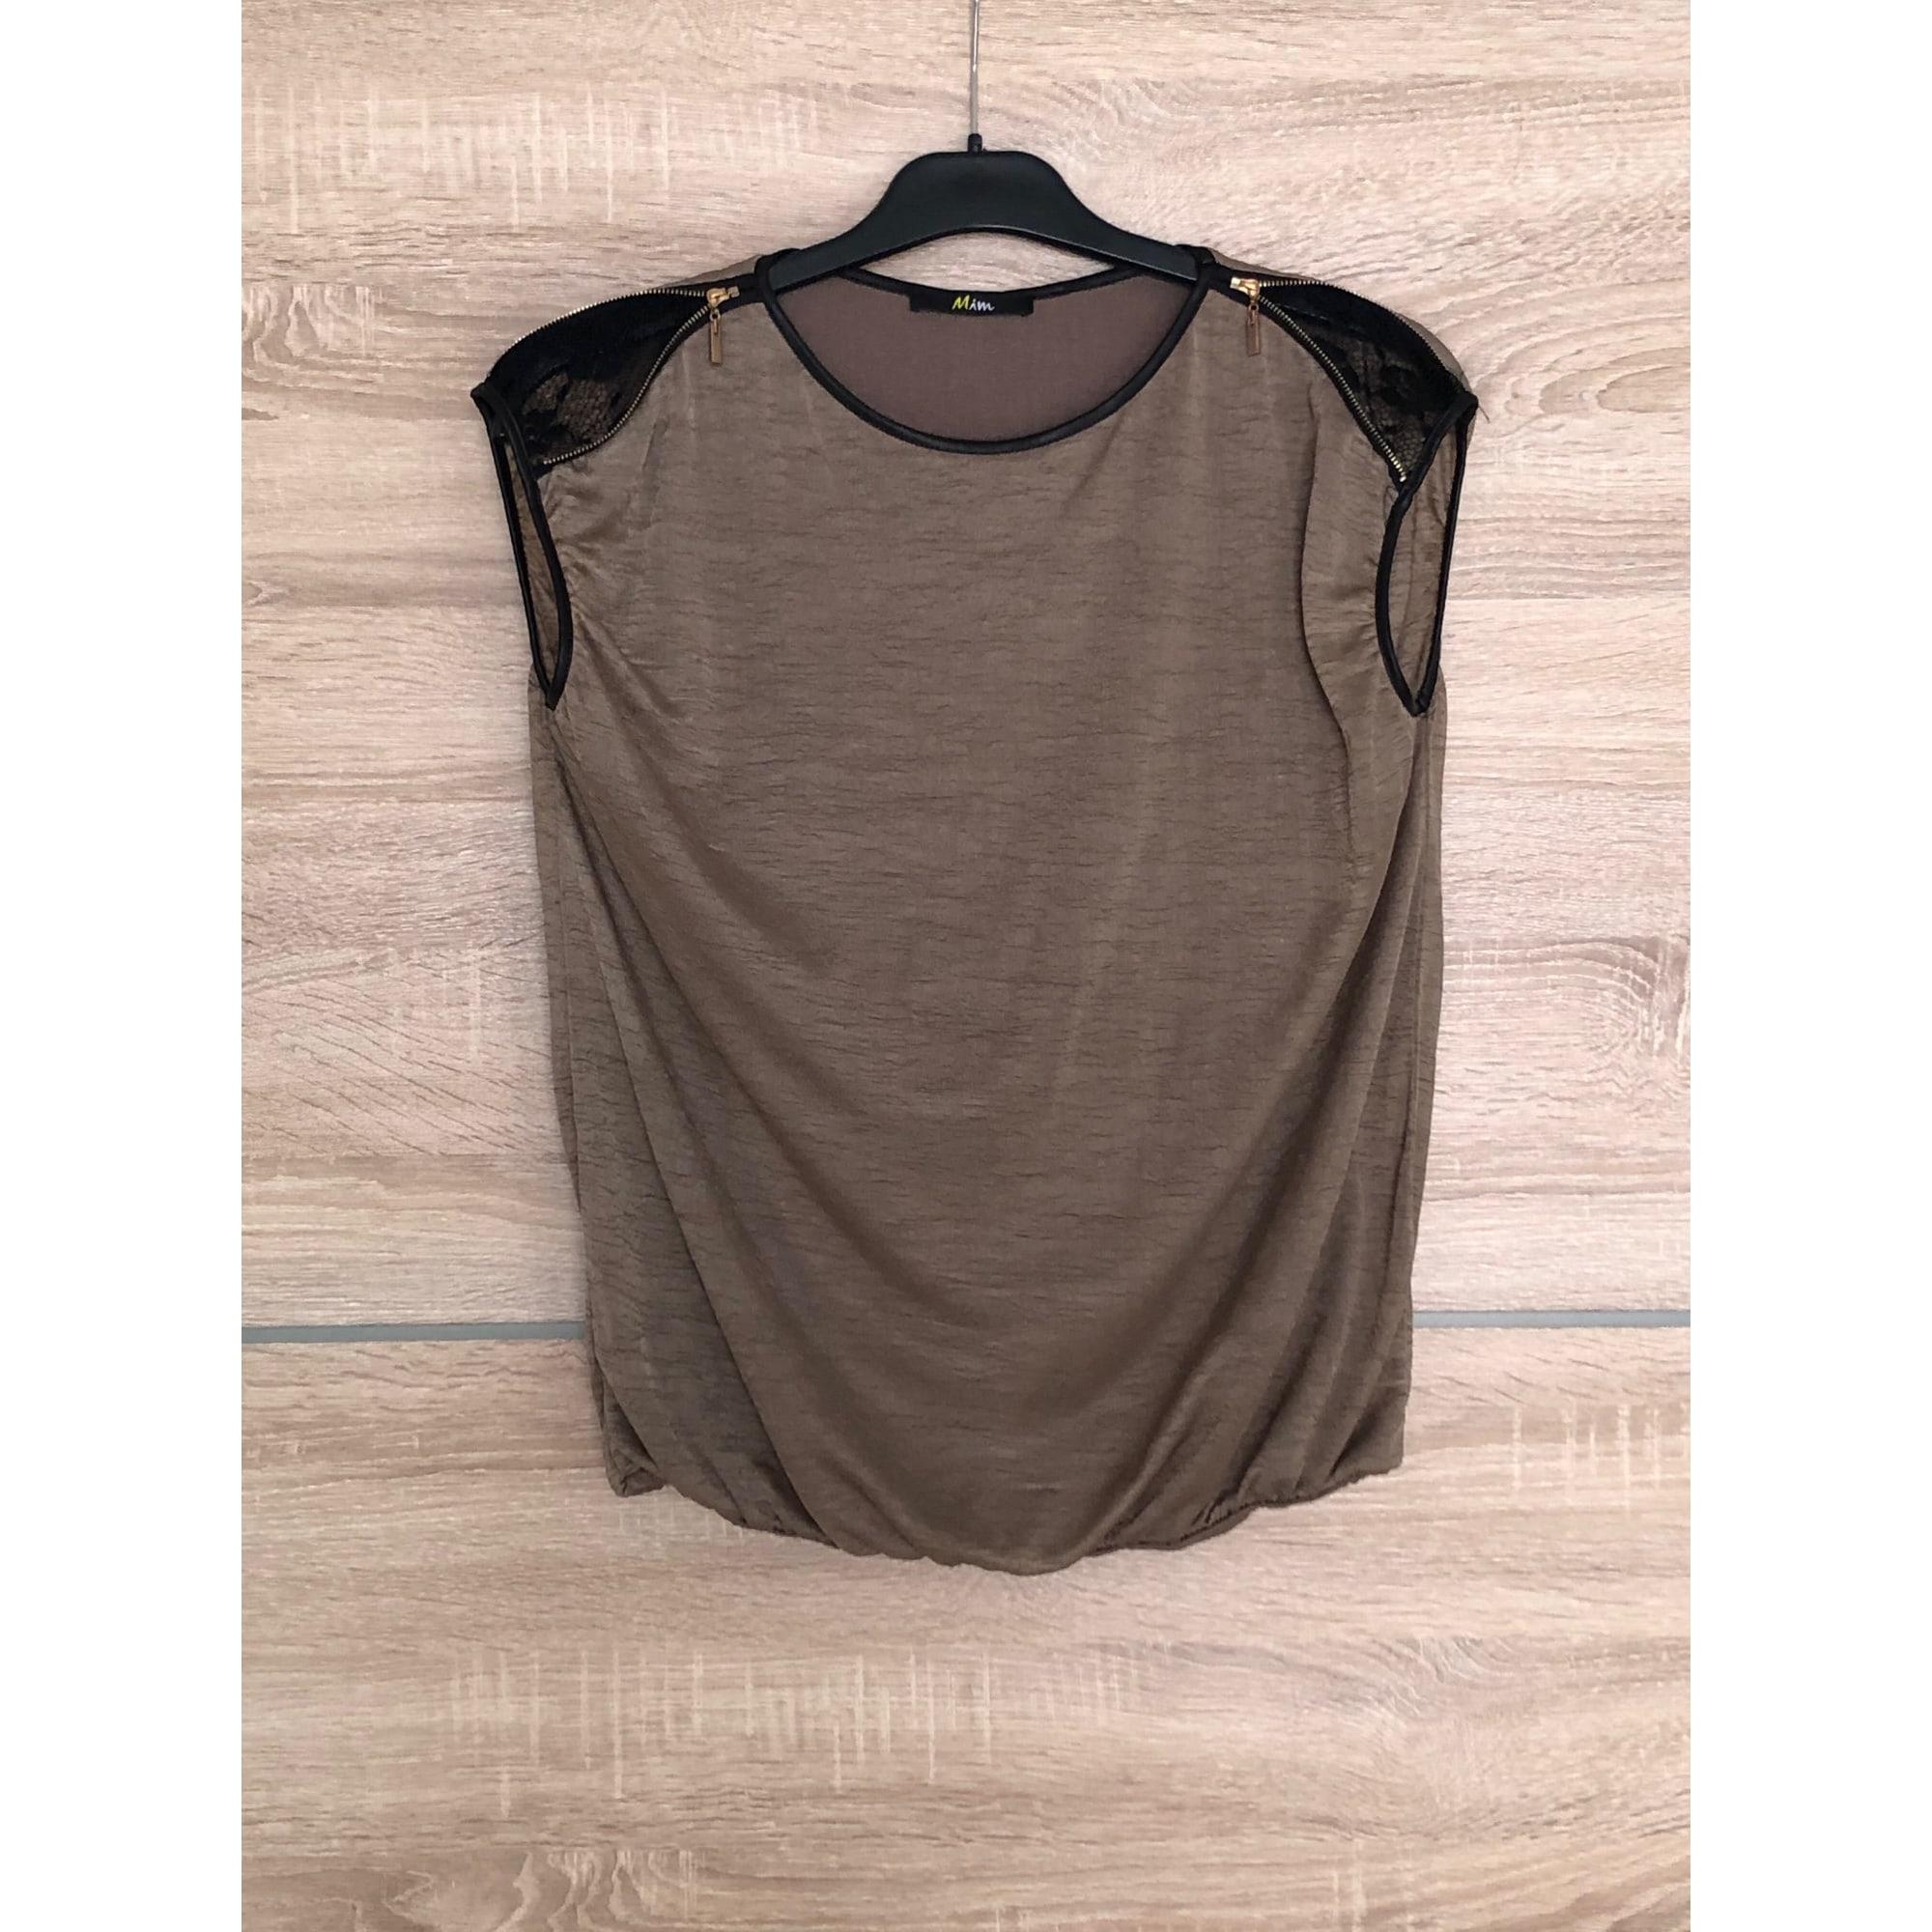 Top, tee-shirt MIM Taupe